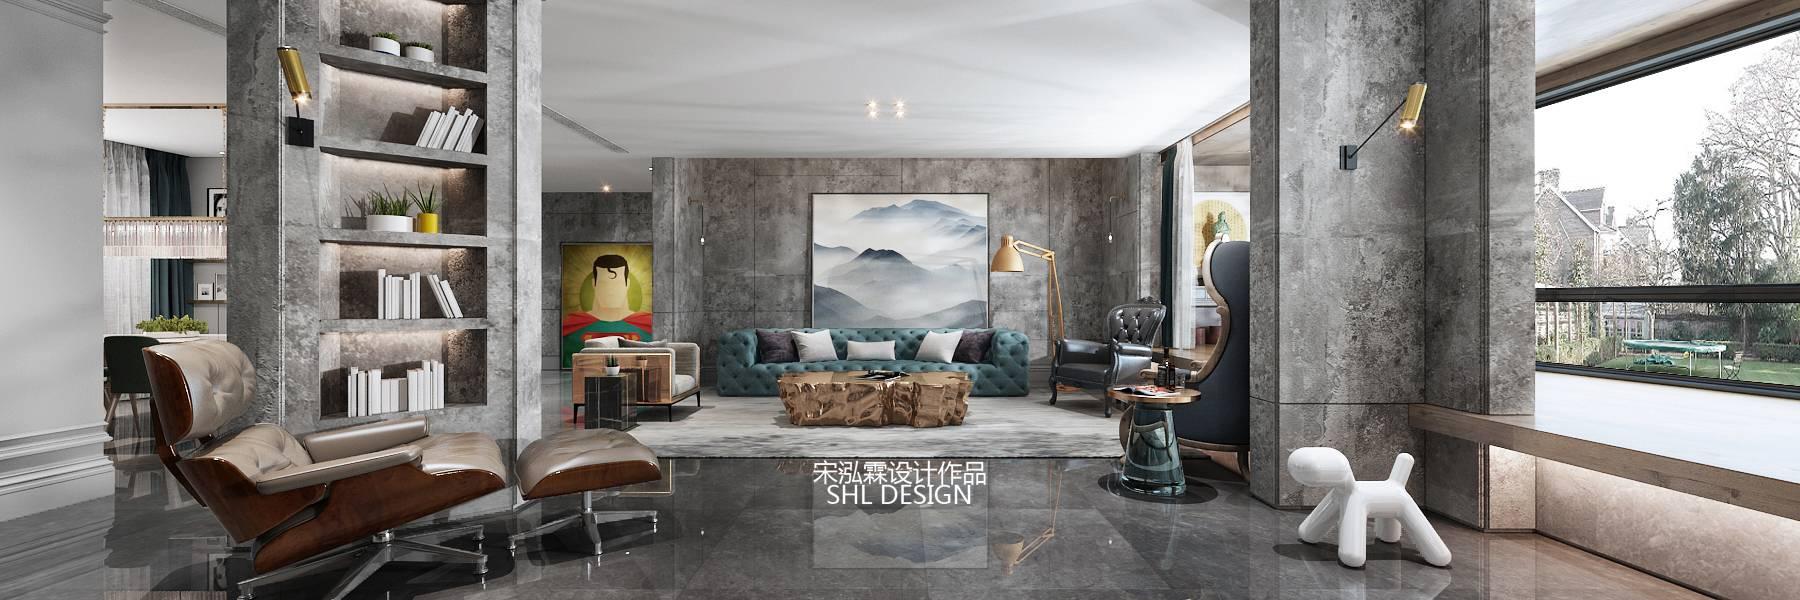 在案例中,设计师以陈设艺术品及金属线条材质来营造大气、自然、轻奢的装饰美学氛围。墙面、地面、家具陈设等均以简洁的造型、精细的工艺为其特征,强调品质感和细节处理。